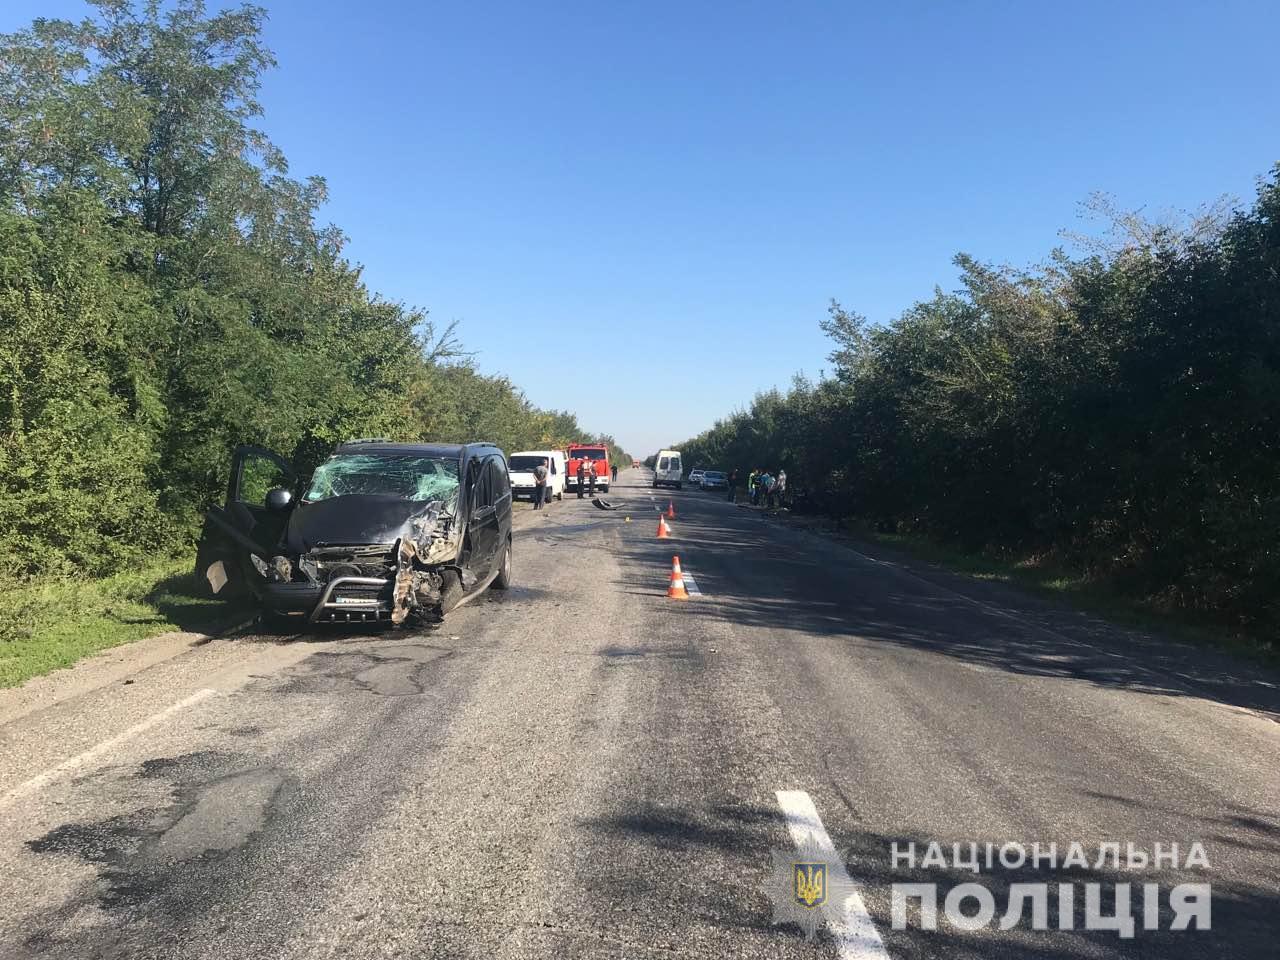 Появились подробности смертельного ДТП в Запорожской области с четырьмя погибшими - ФОТО, ВИДЕО